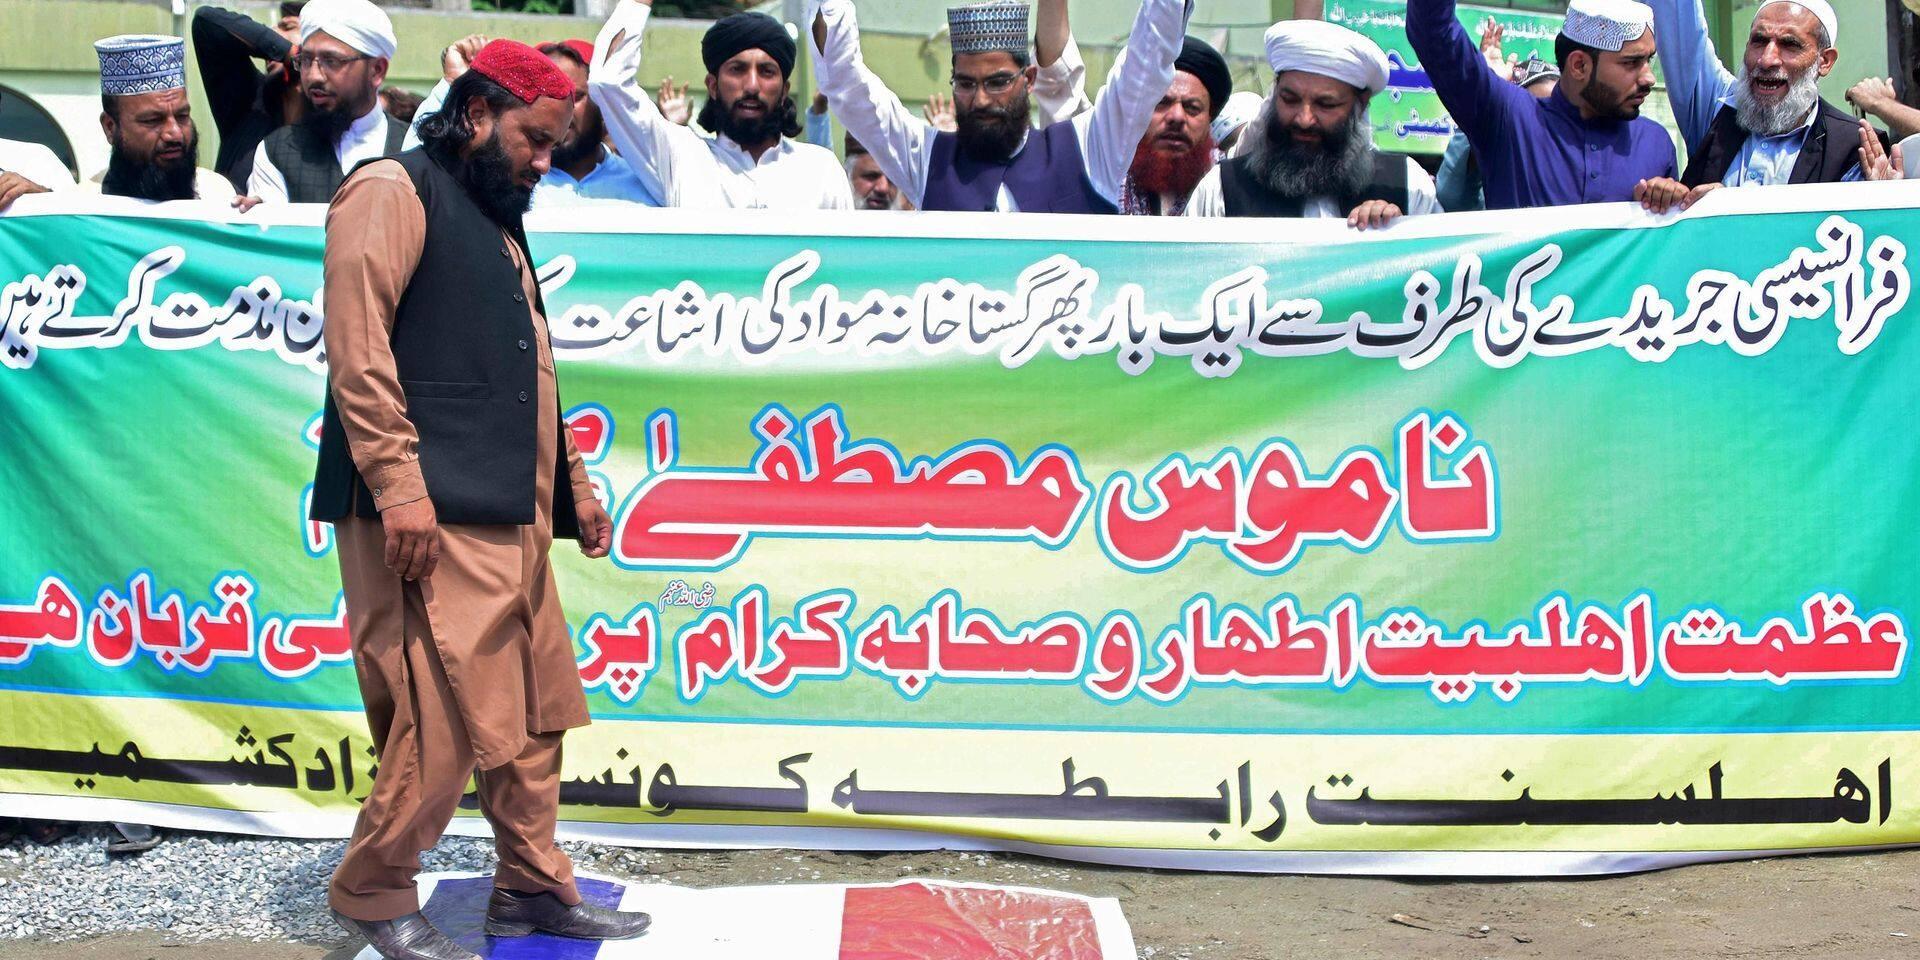 Première manifestation contre la Une de Charlie Hebdo au Pakistan, la colère enfle